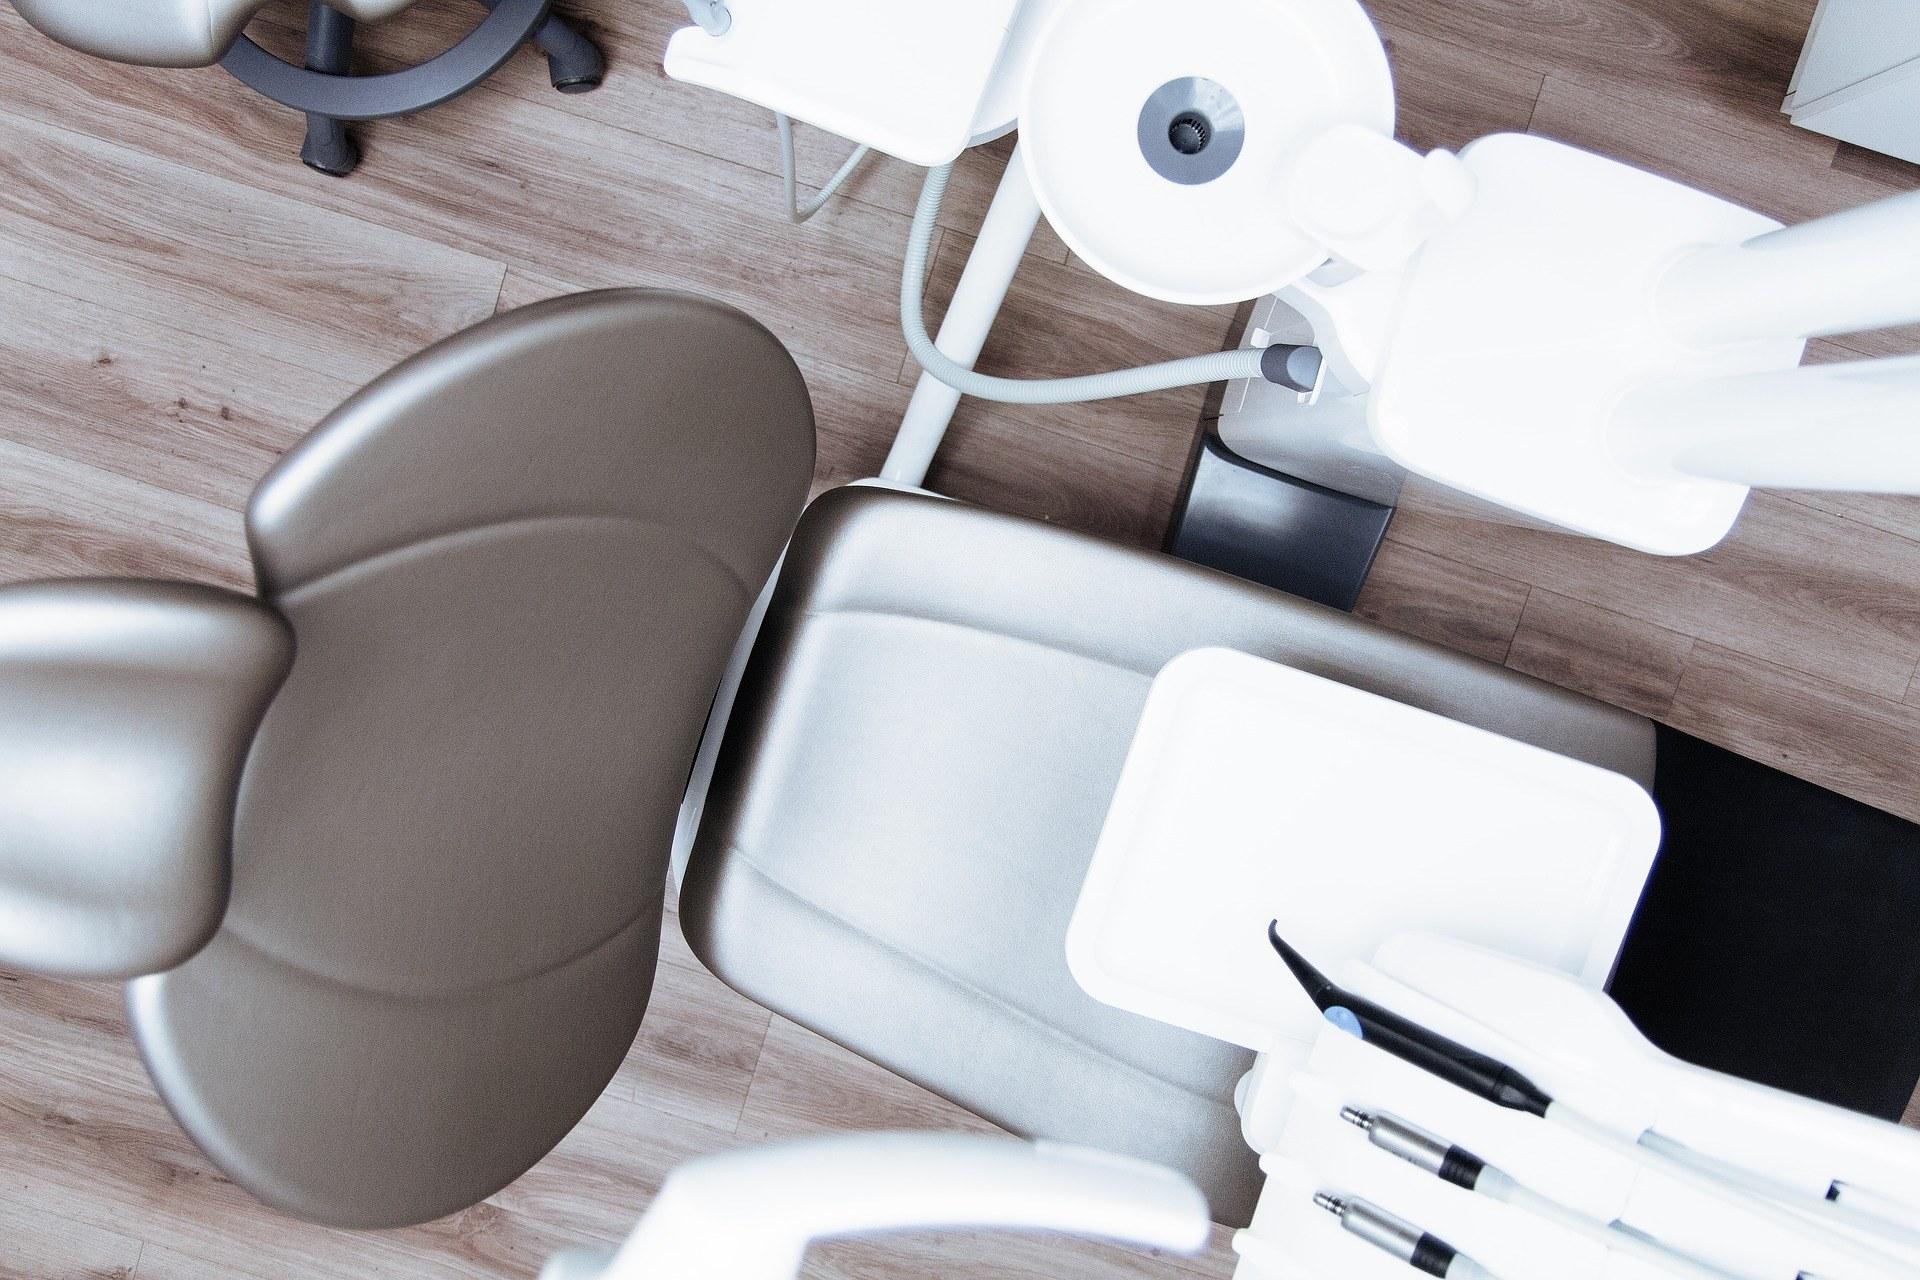 Nichtchirurgische Revisionsbehandlung dank neuer Technologie